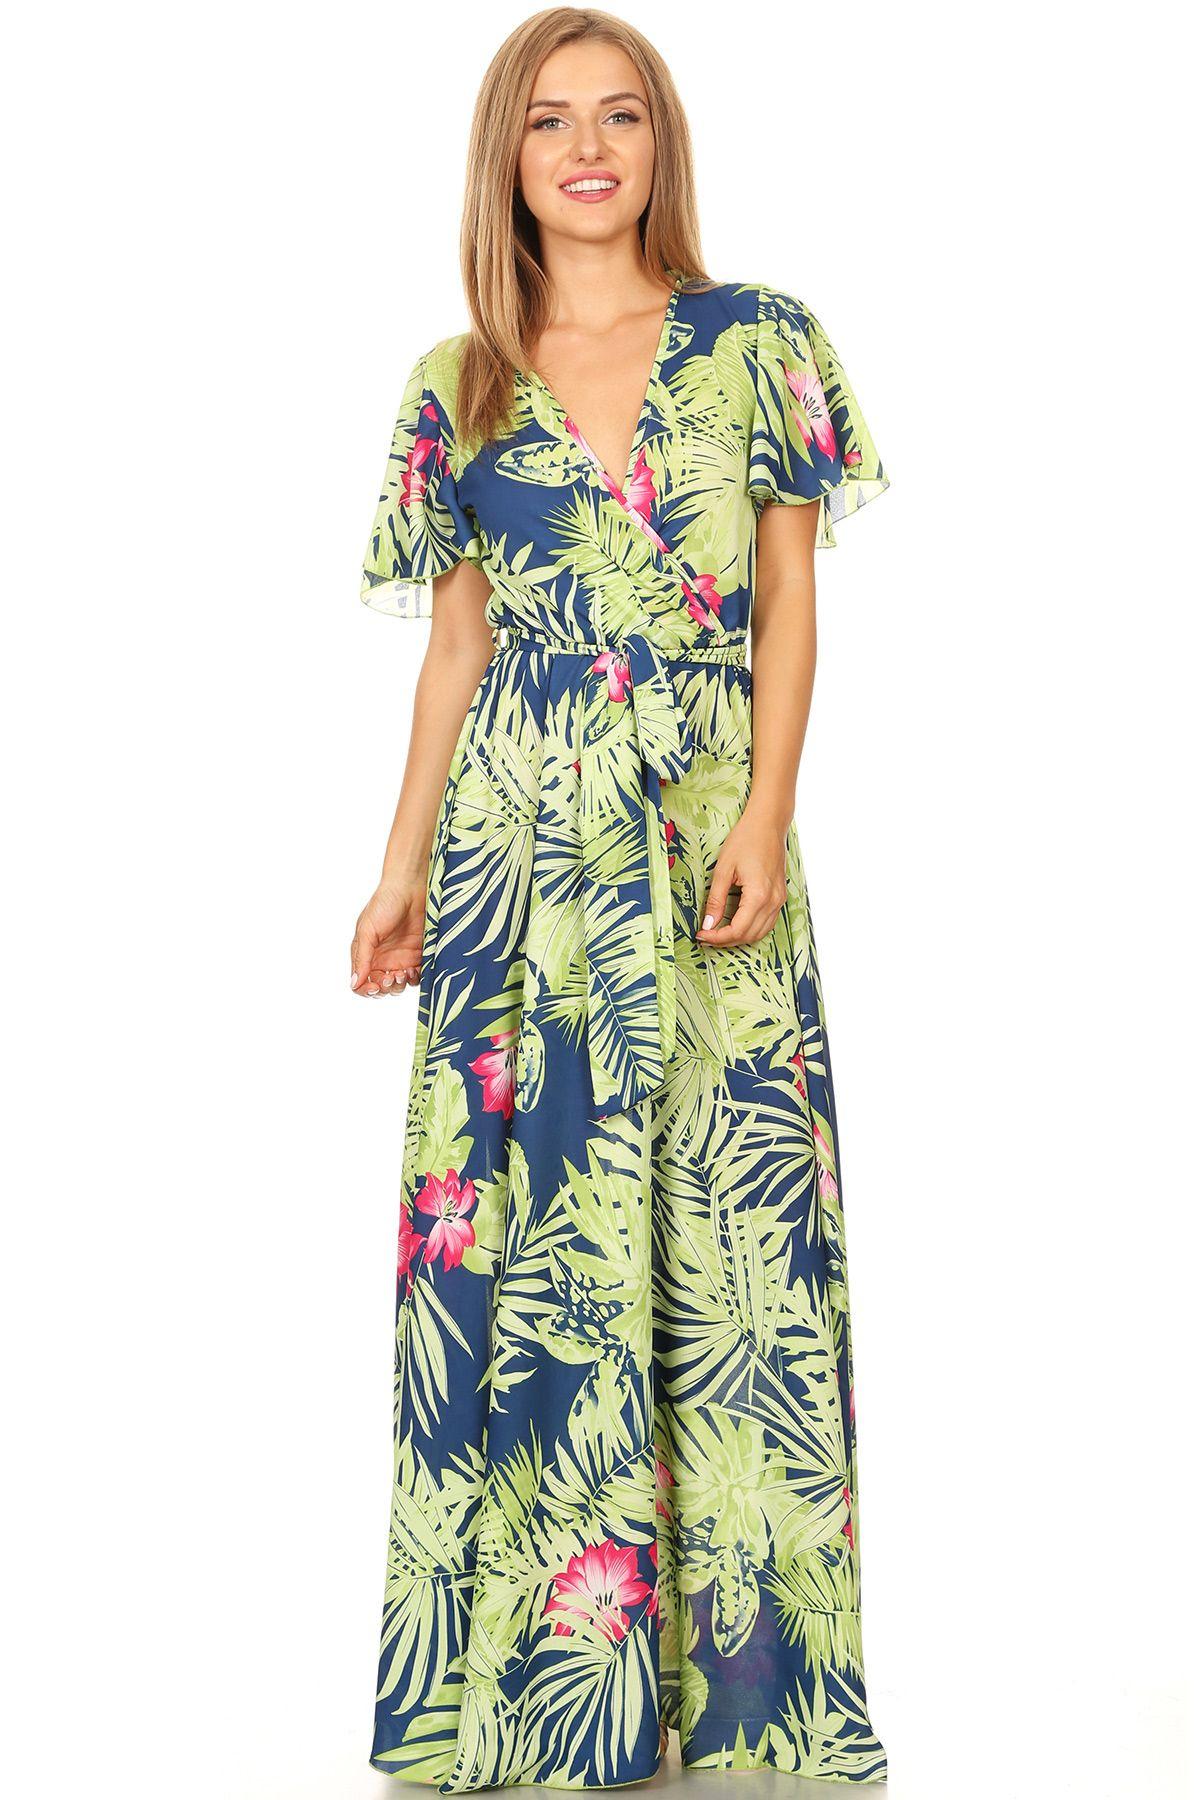 Wholesale fashion boutique dresses